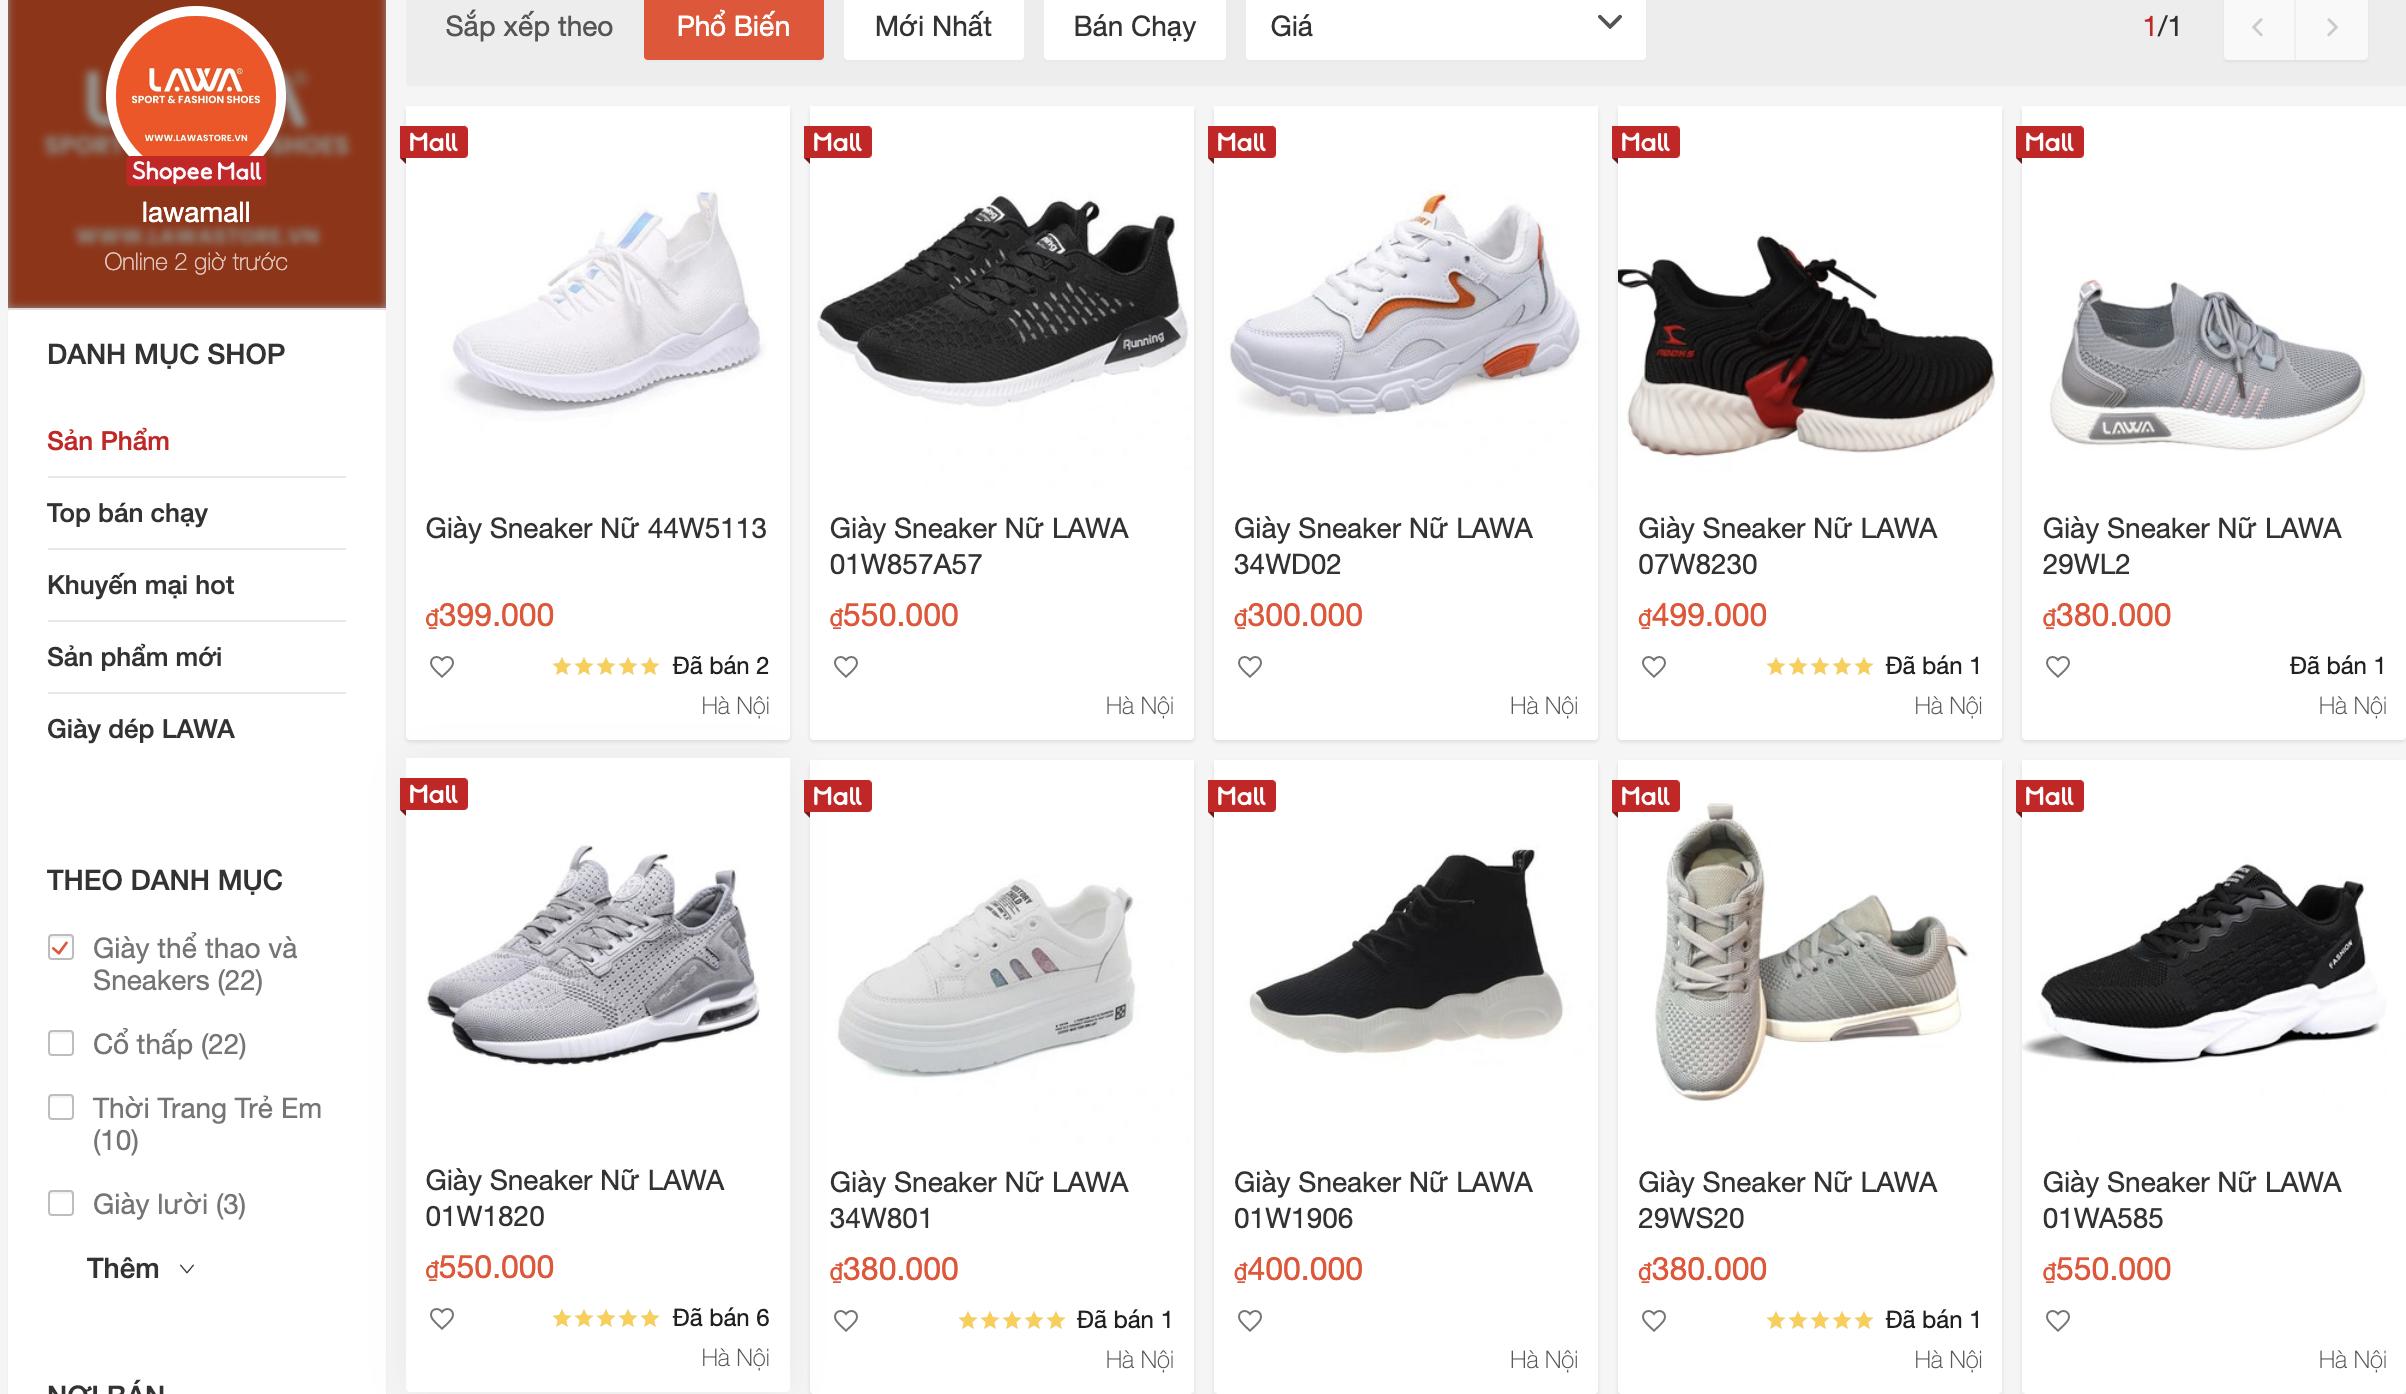 shop bán giày chính hãng trên shopee